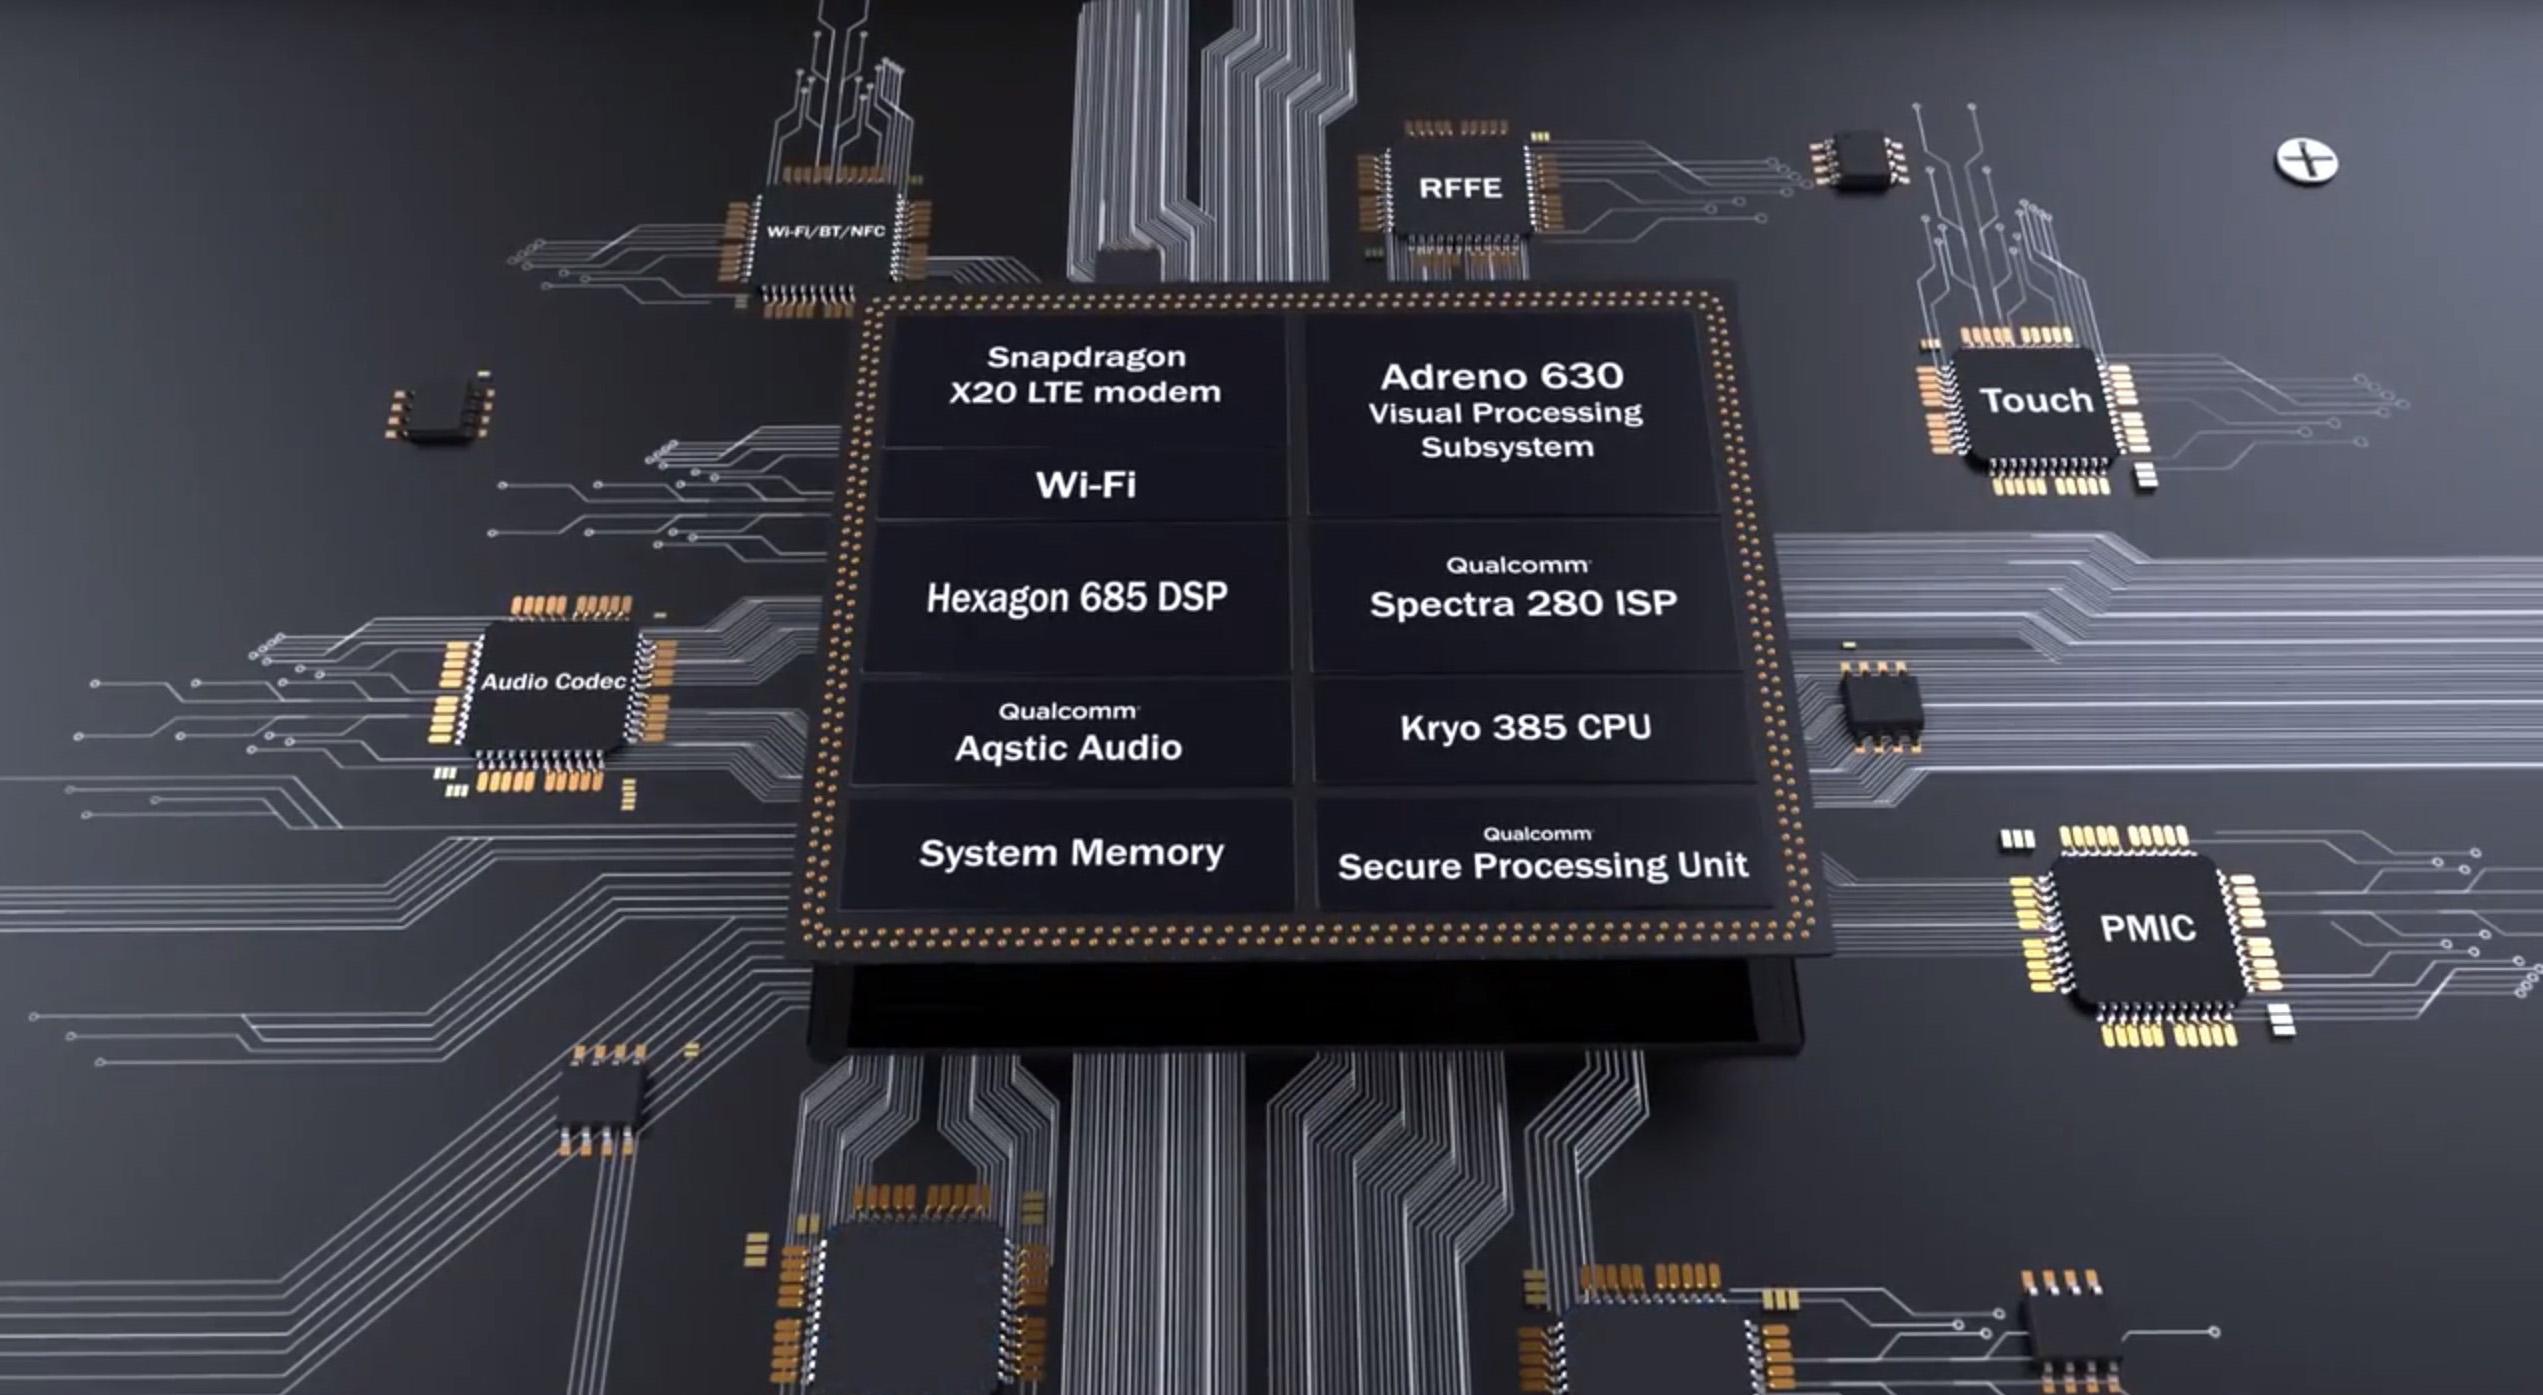 Soc Tout Ce Qu Il Faut Savoir Sur Les Processeurs Mobiles Frandroid